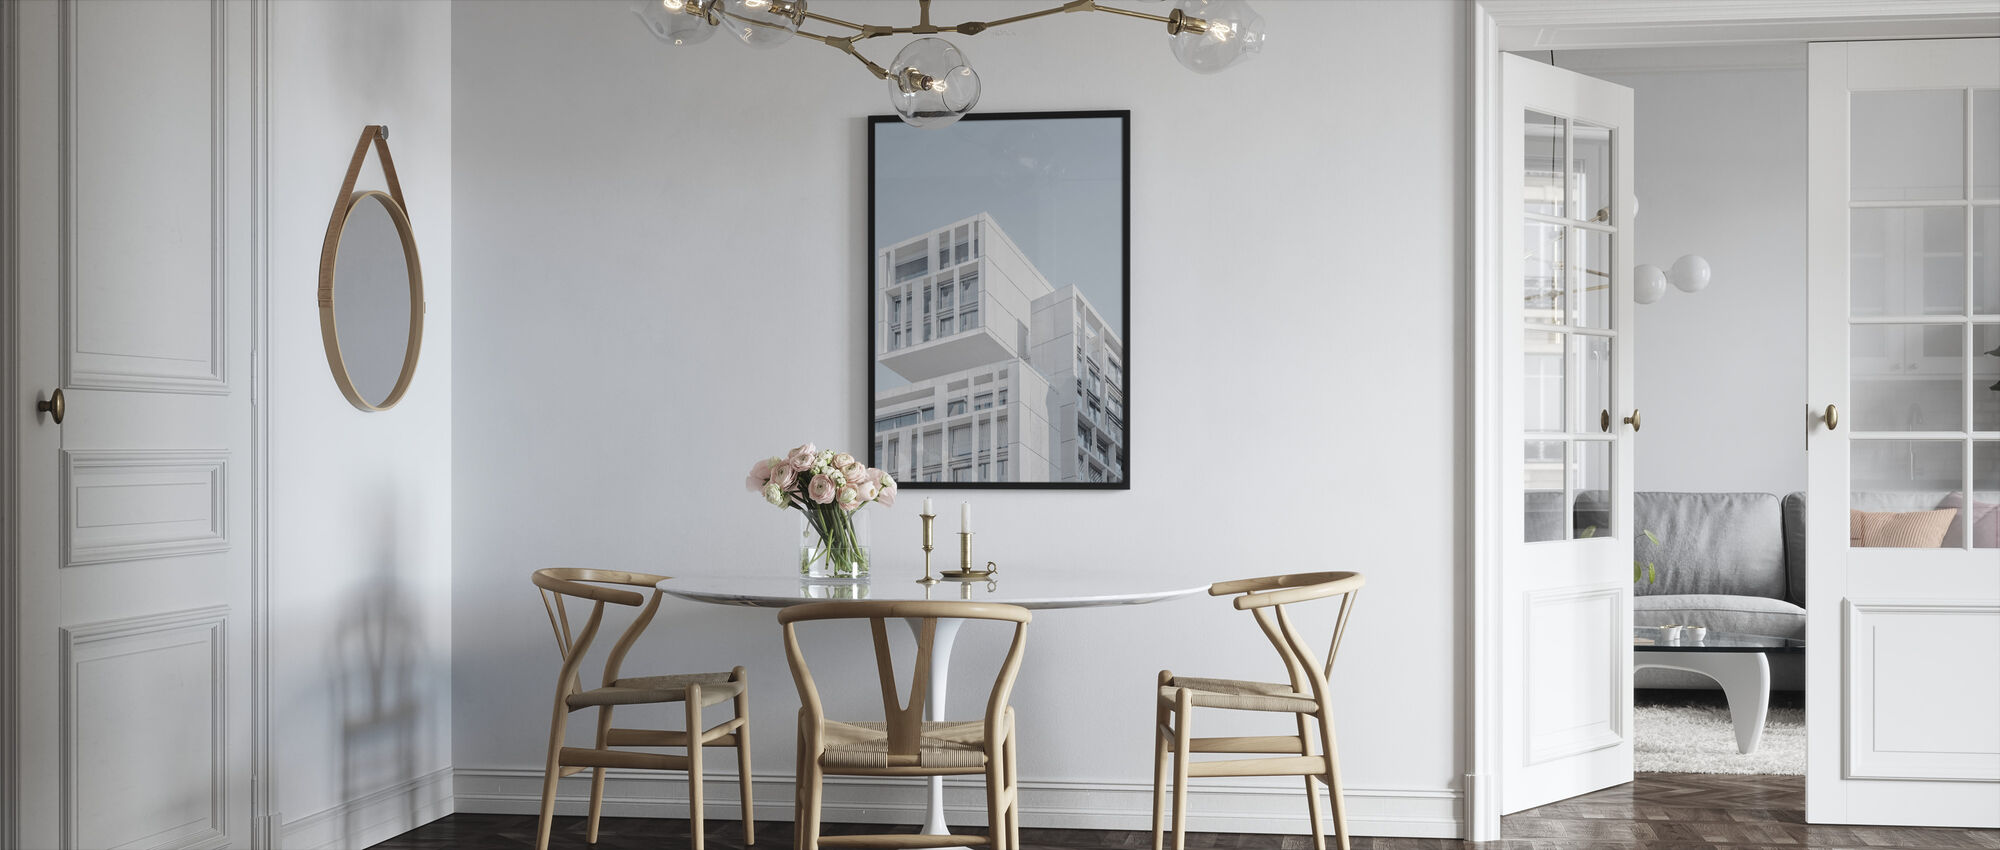 Madrid Building - Framed print - Kitchen